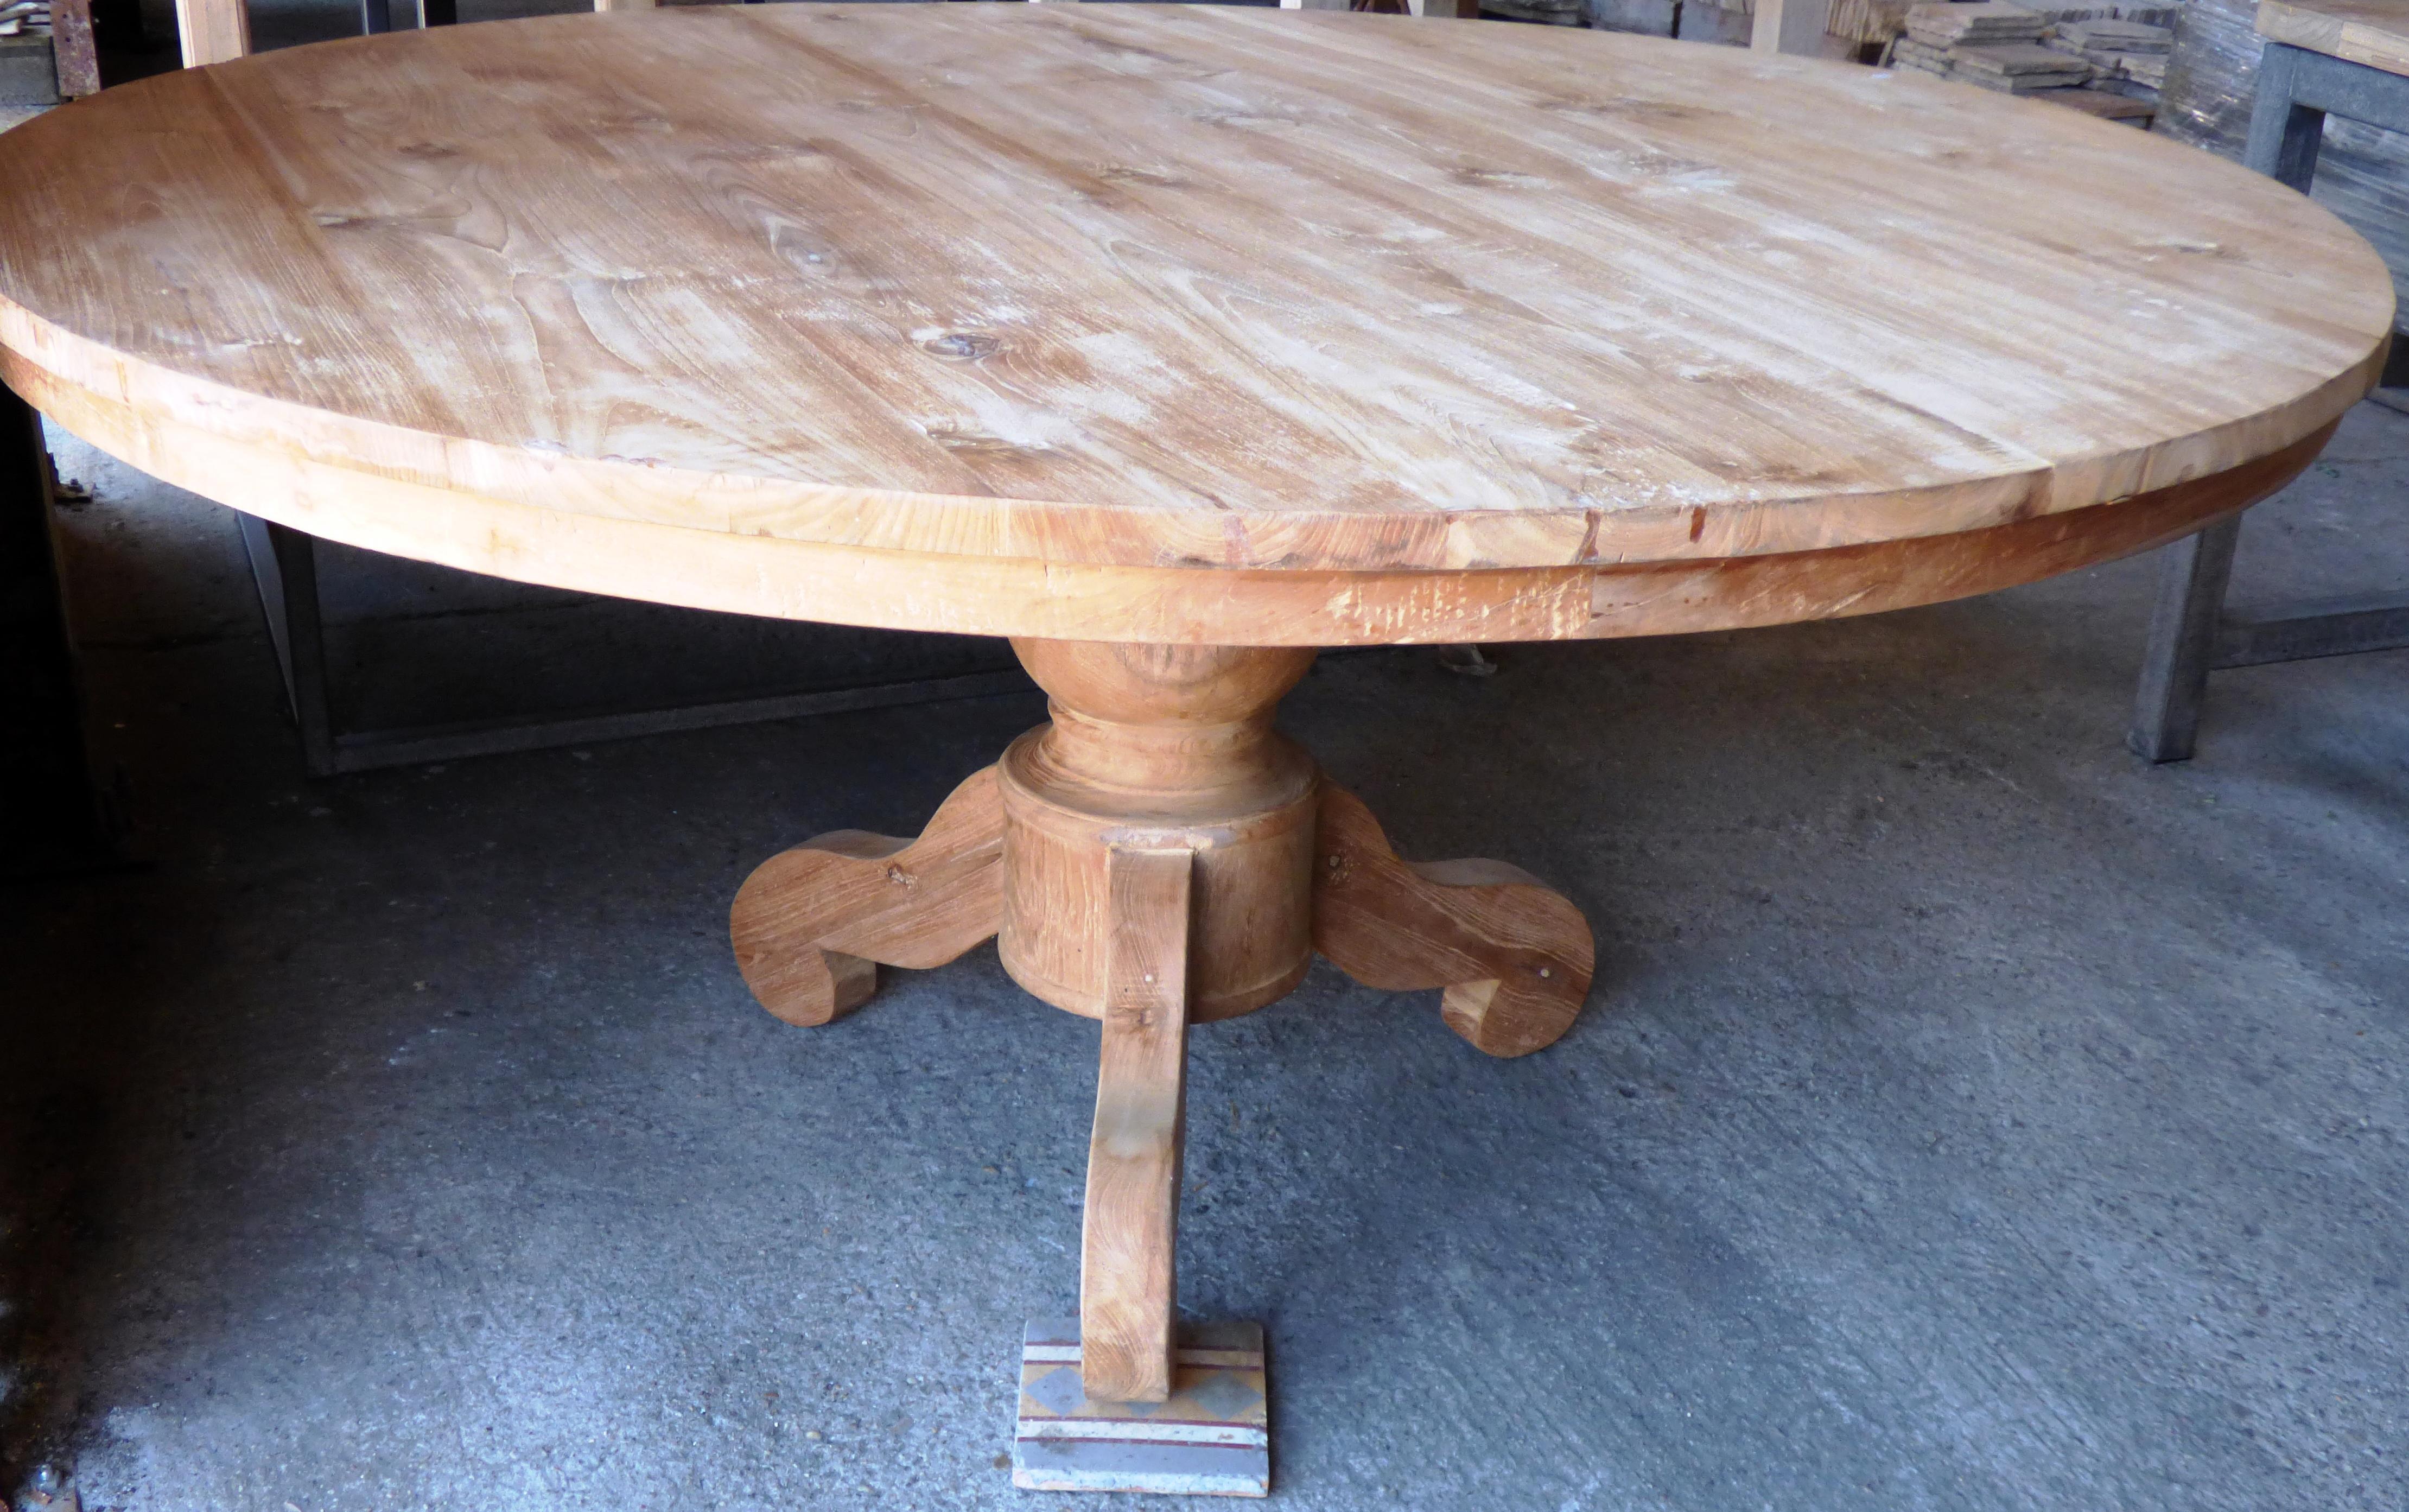 landhausstil tisch mit jugendstil 10 rabatt. Black Bedroom Furniture Sets. Home Design Ideas